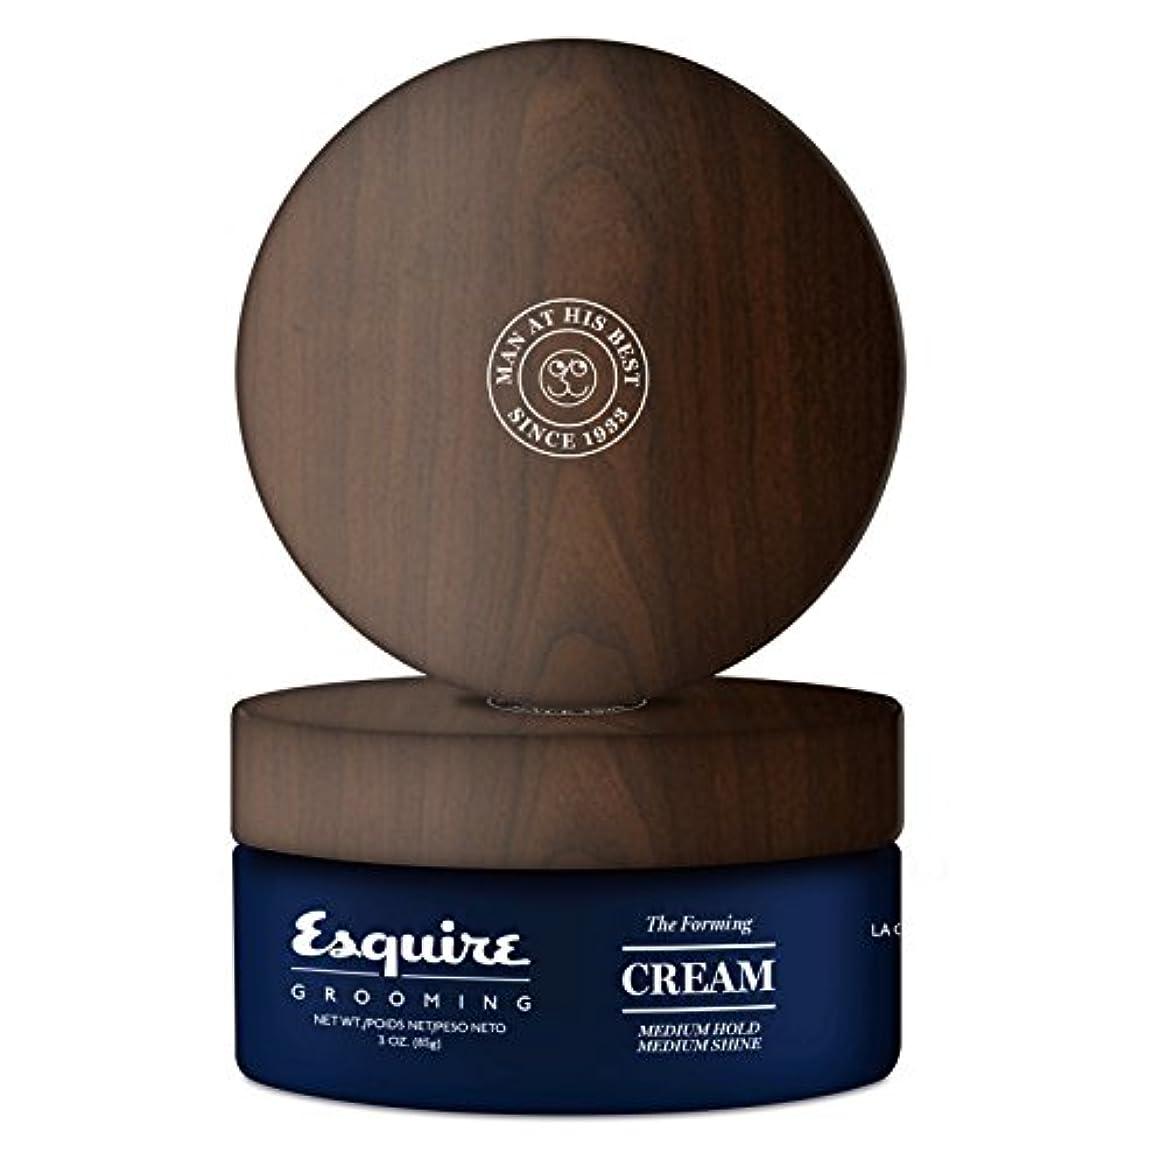 マニュアル速度平らなCHI Esquire Grooming The Forming Cream (Medium Hold, Medium Shine) 85g/3oz並行輸入品